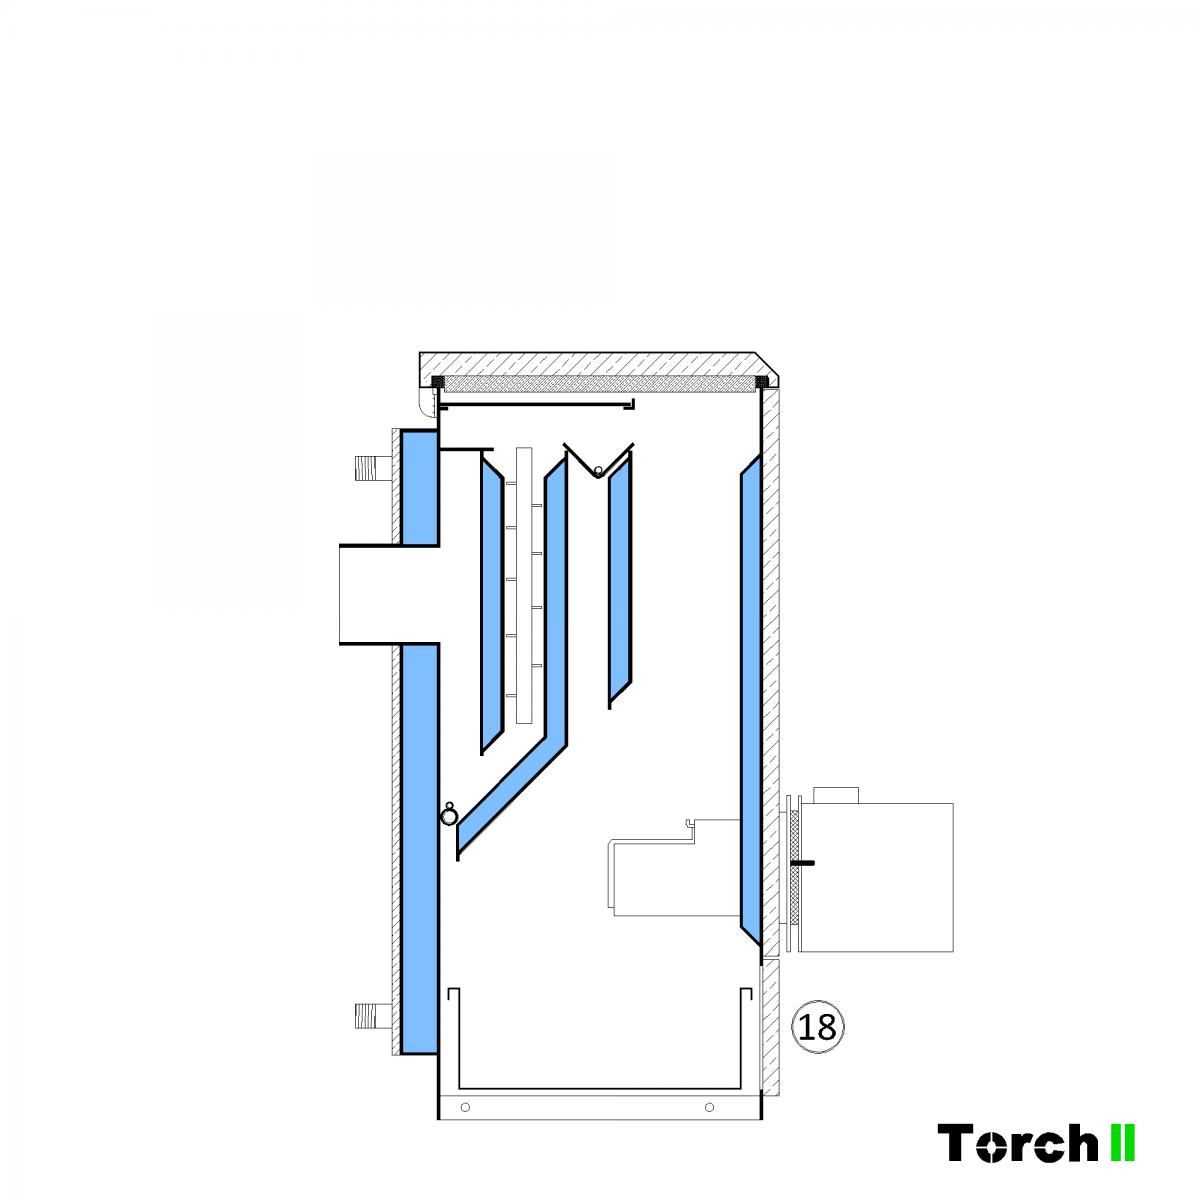 Почистване на пелетен котел Torch II - стъпка 15